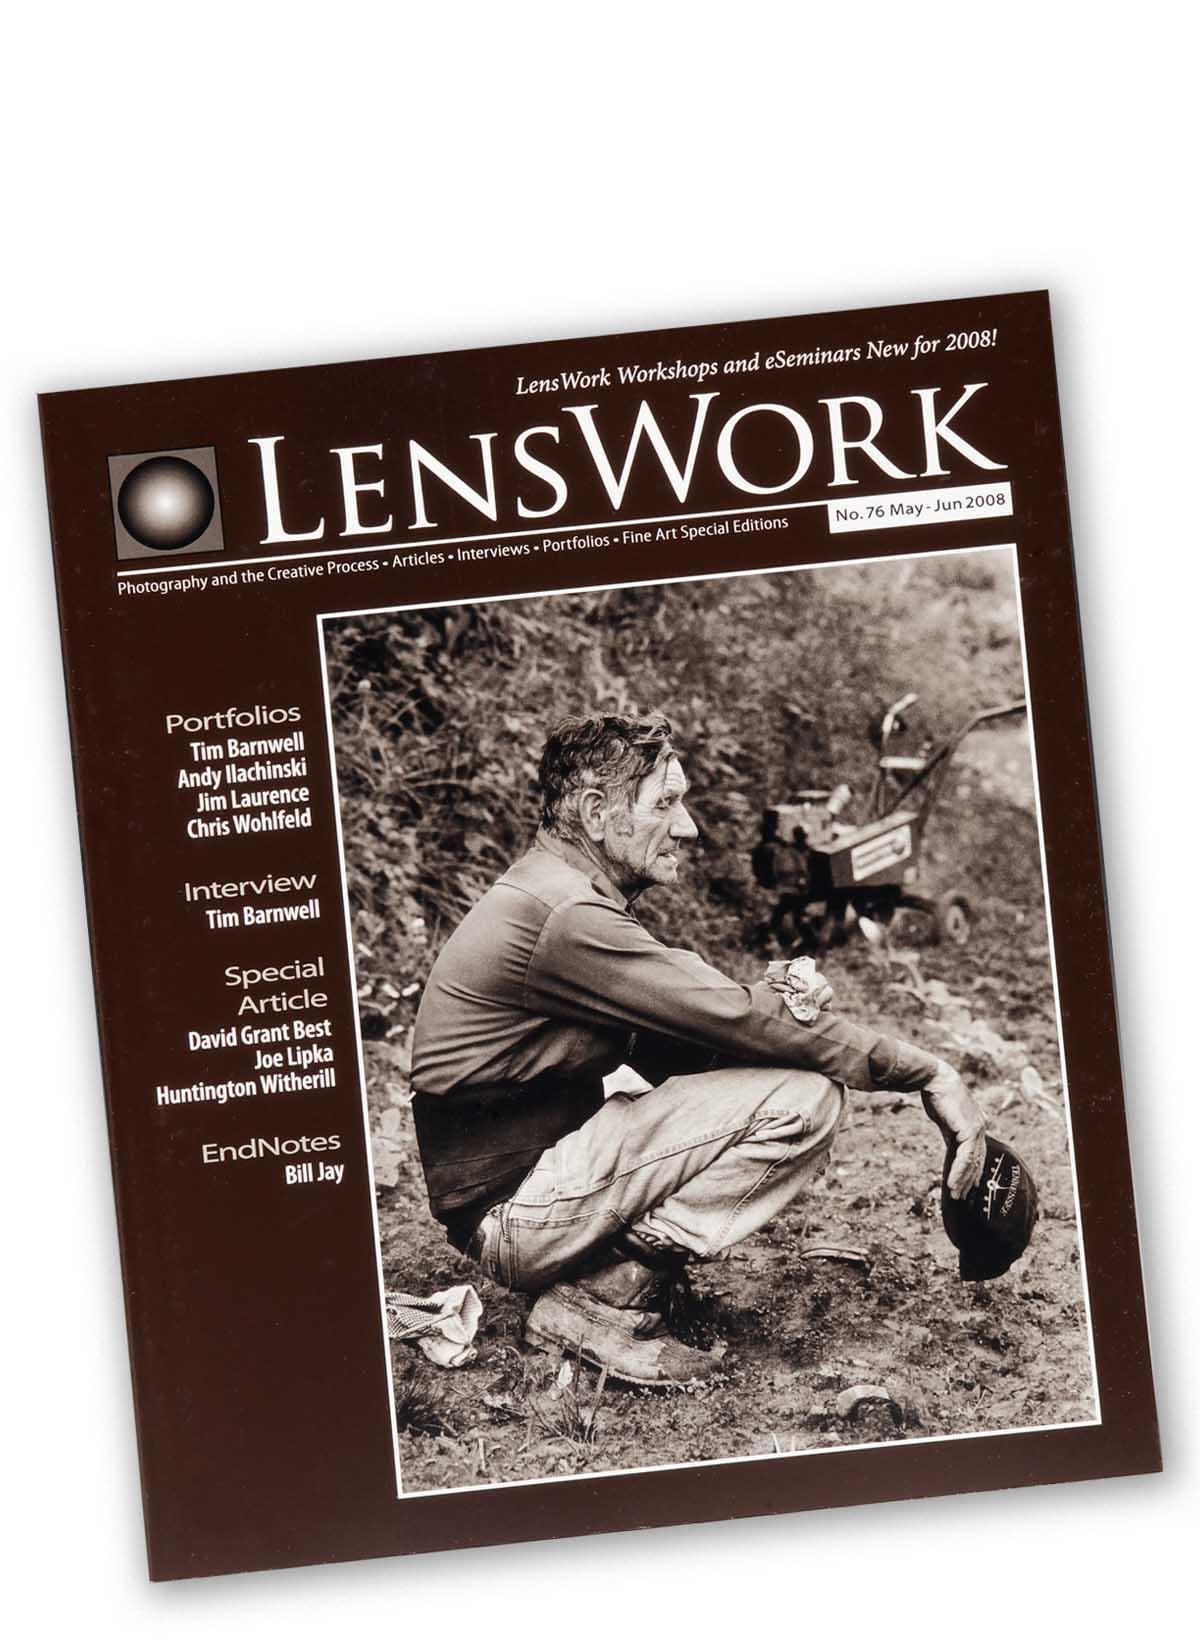 lenswork cover 1A.jpg